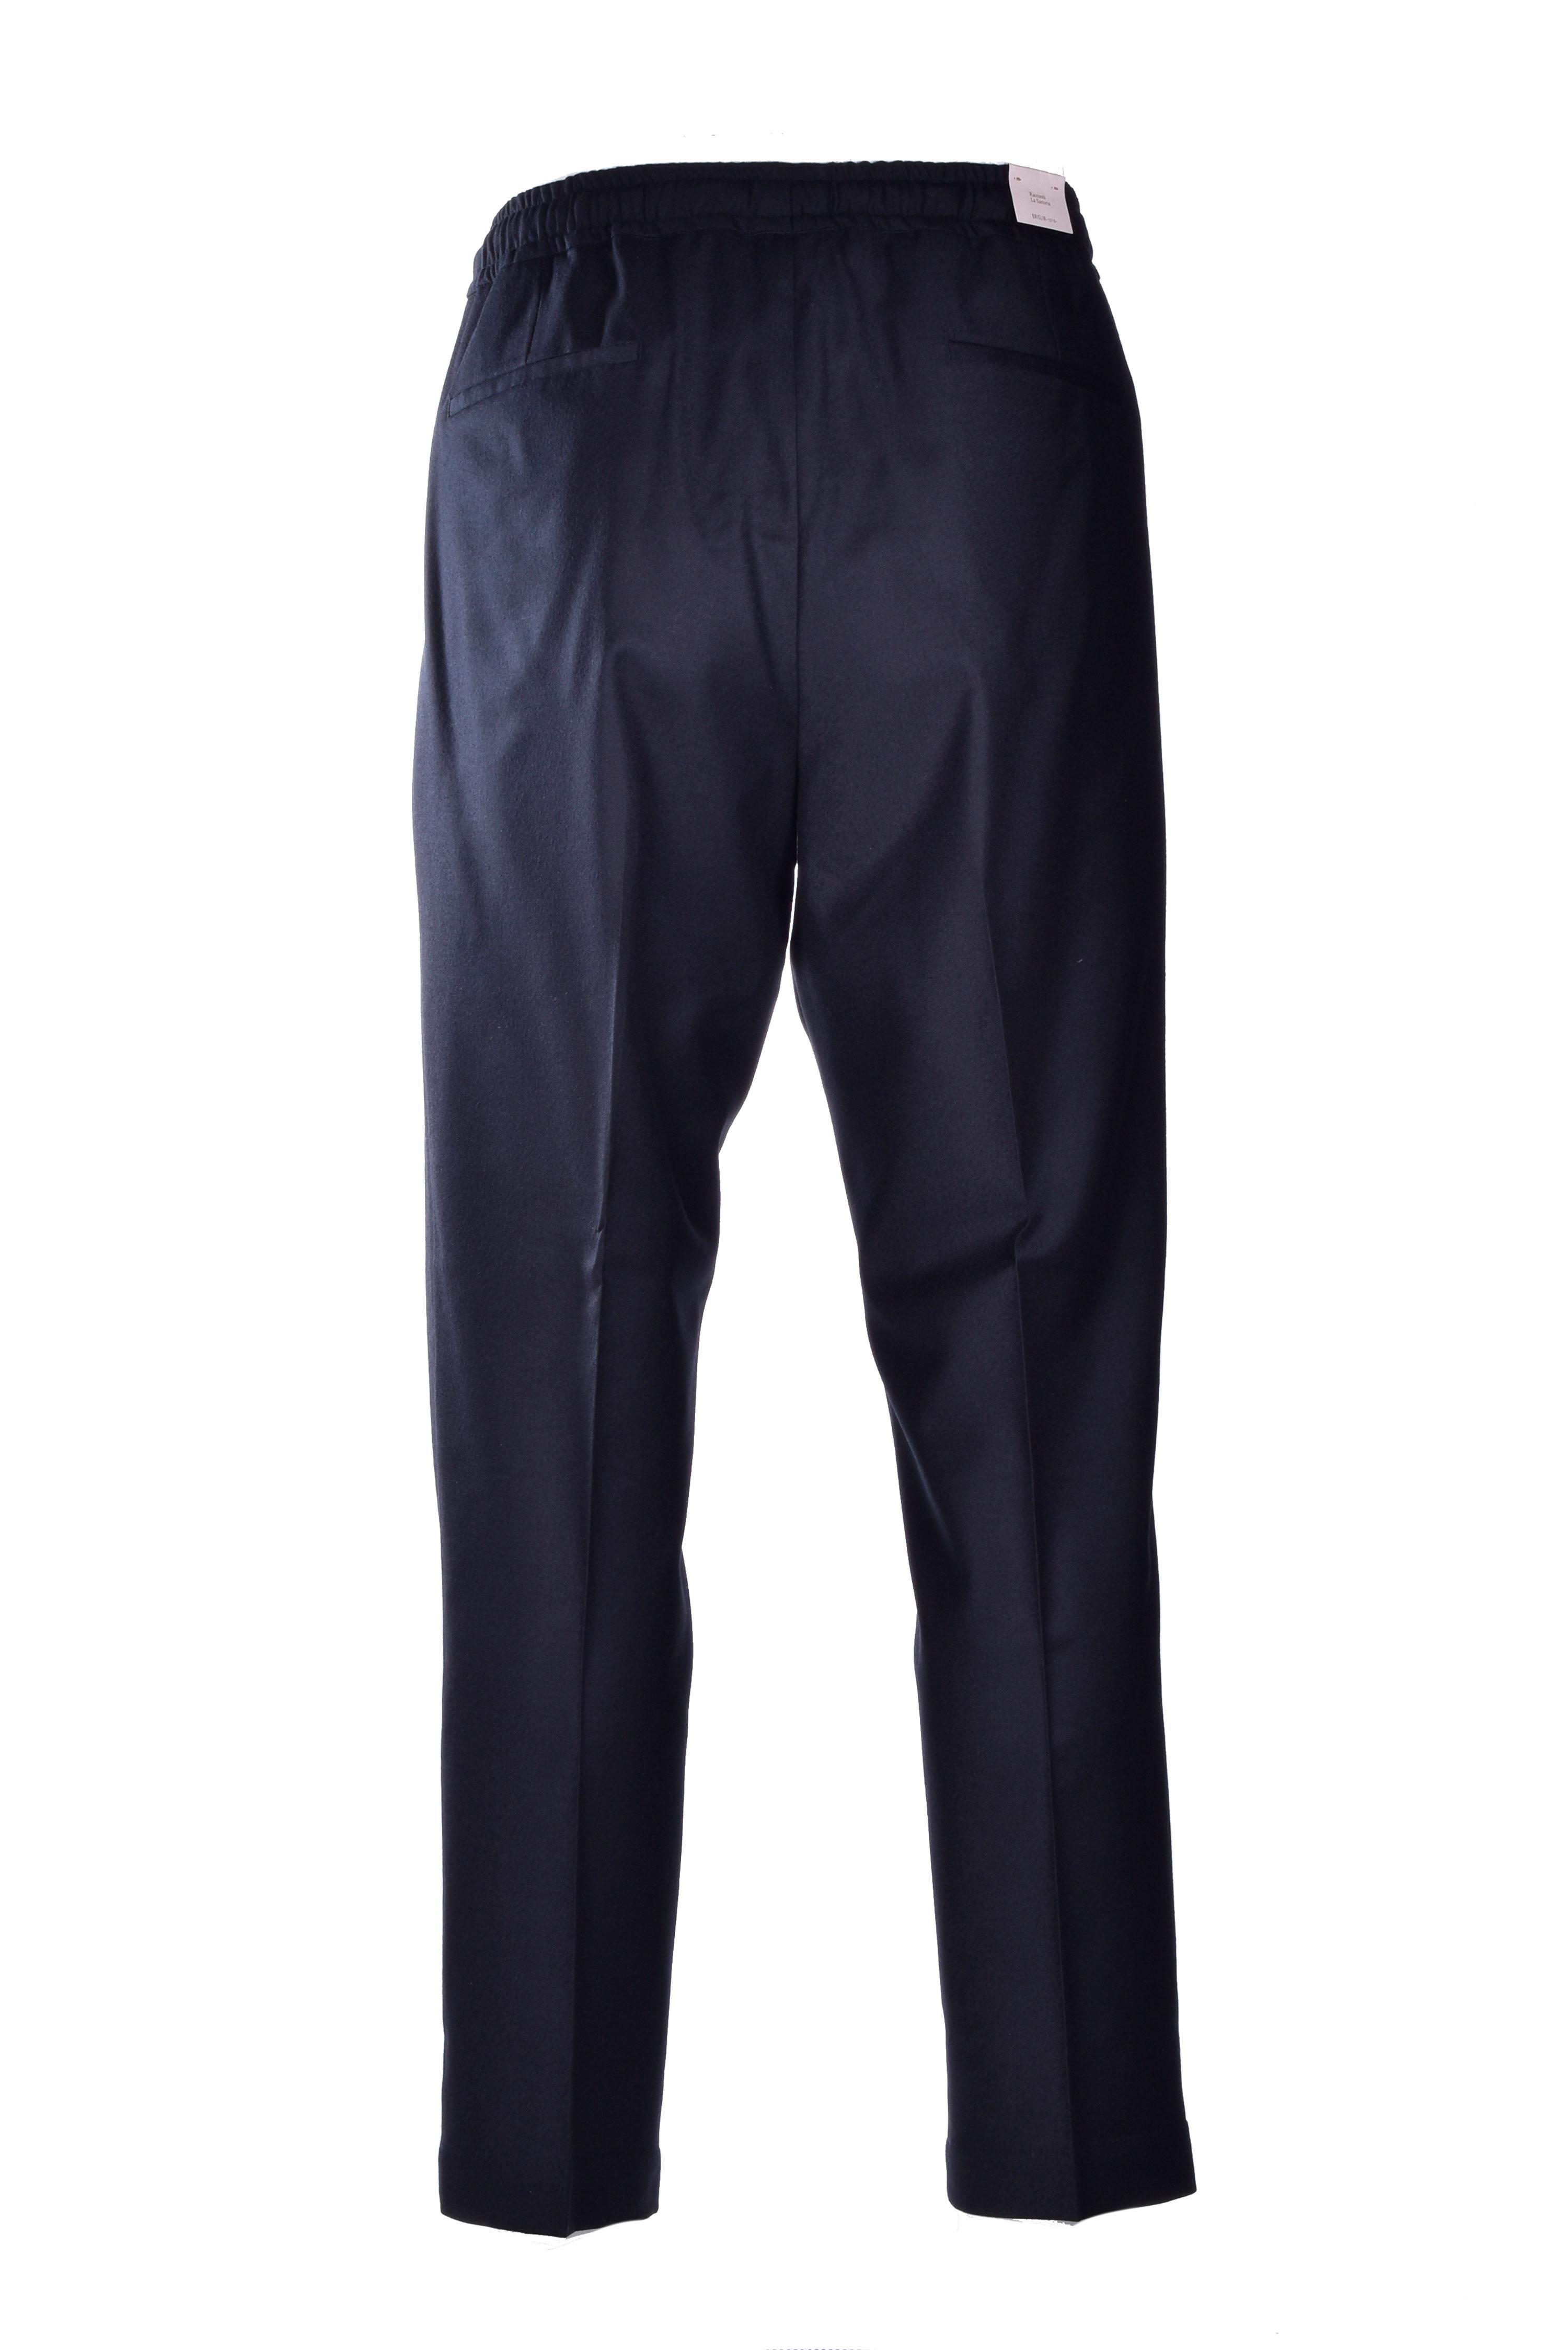 Pantalaccio in flanella nero BRIGLIA | Pantaloni | WIMBLEDONS 42012010